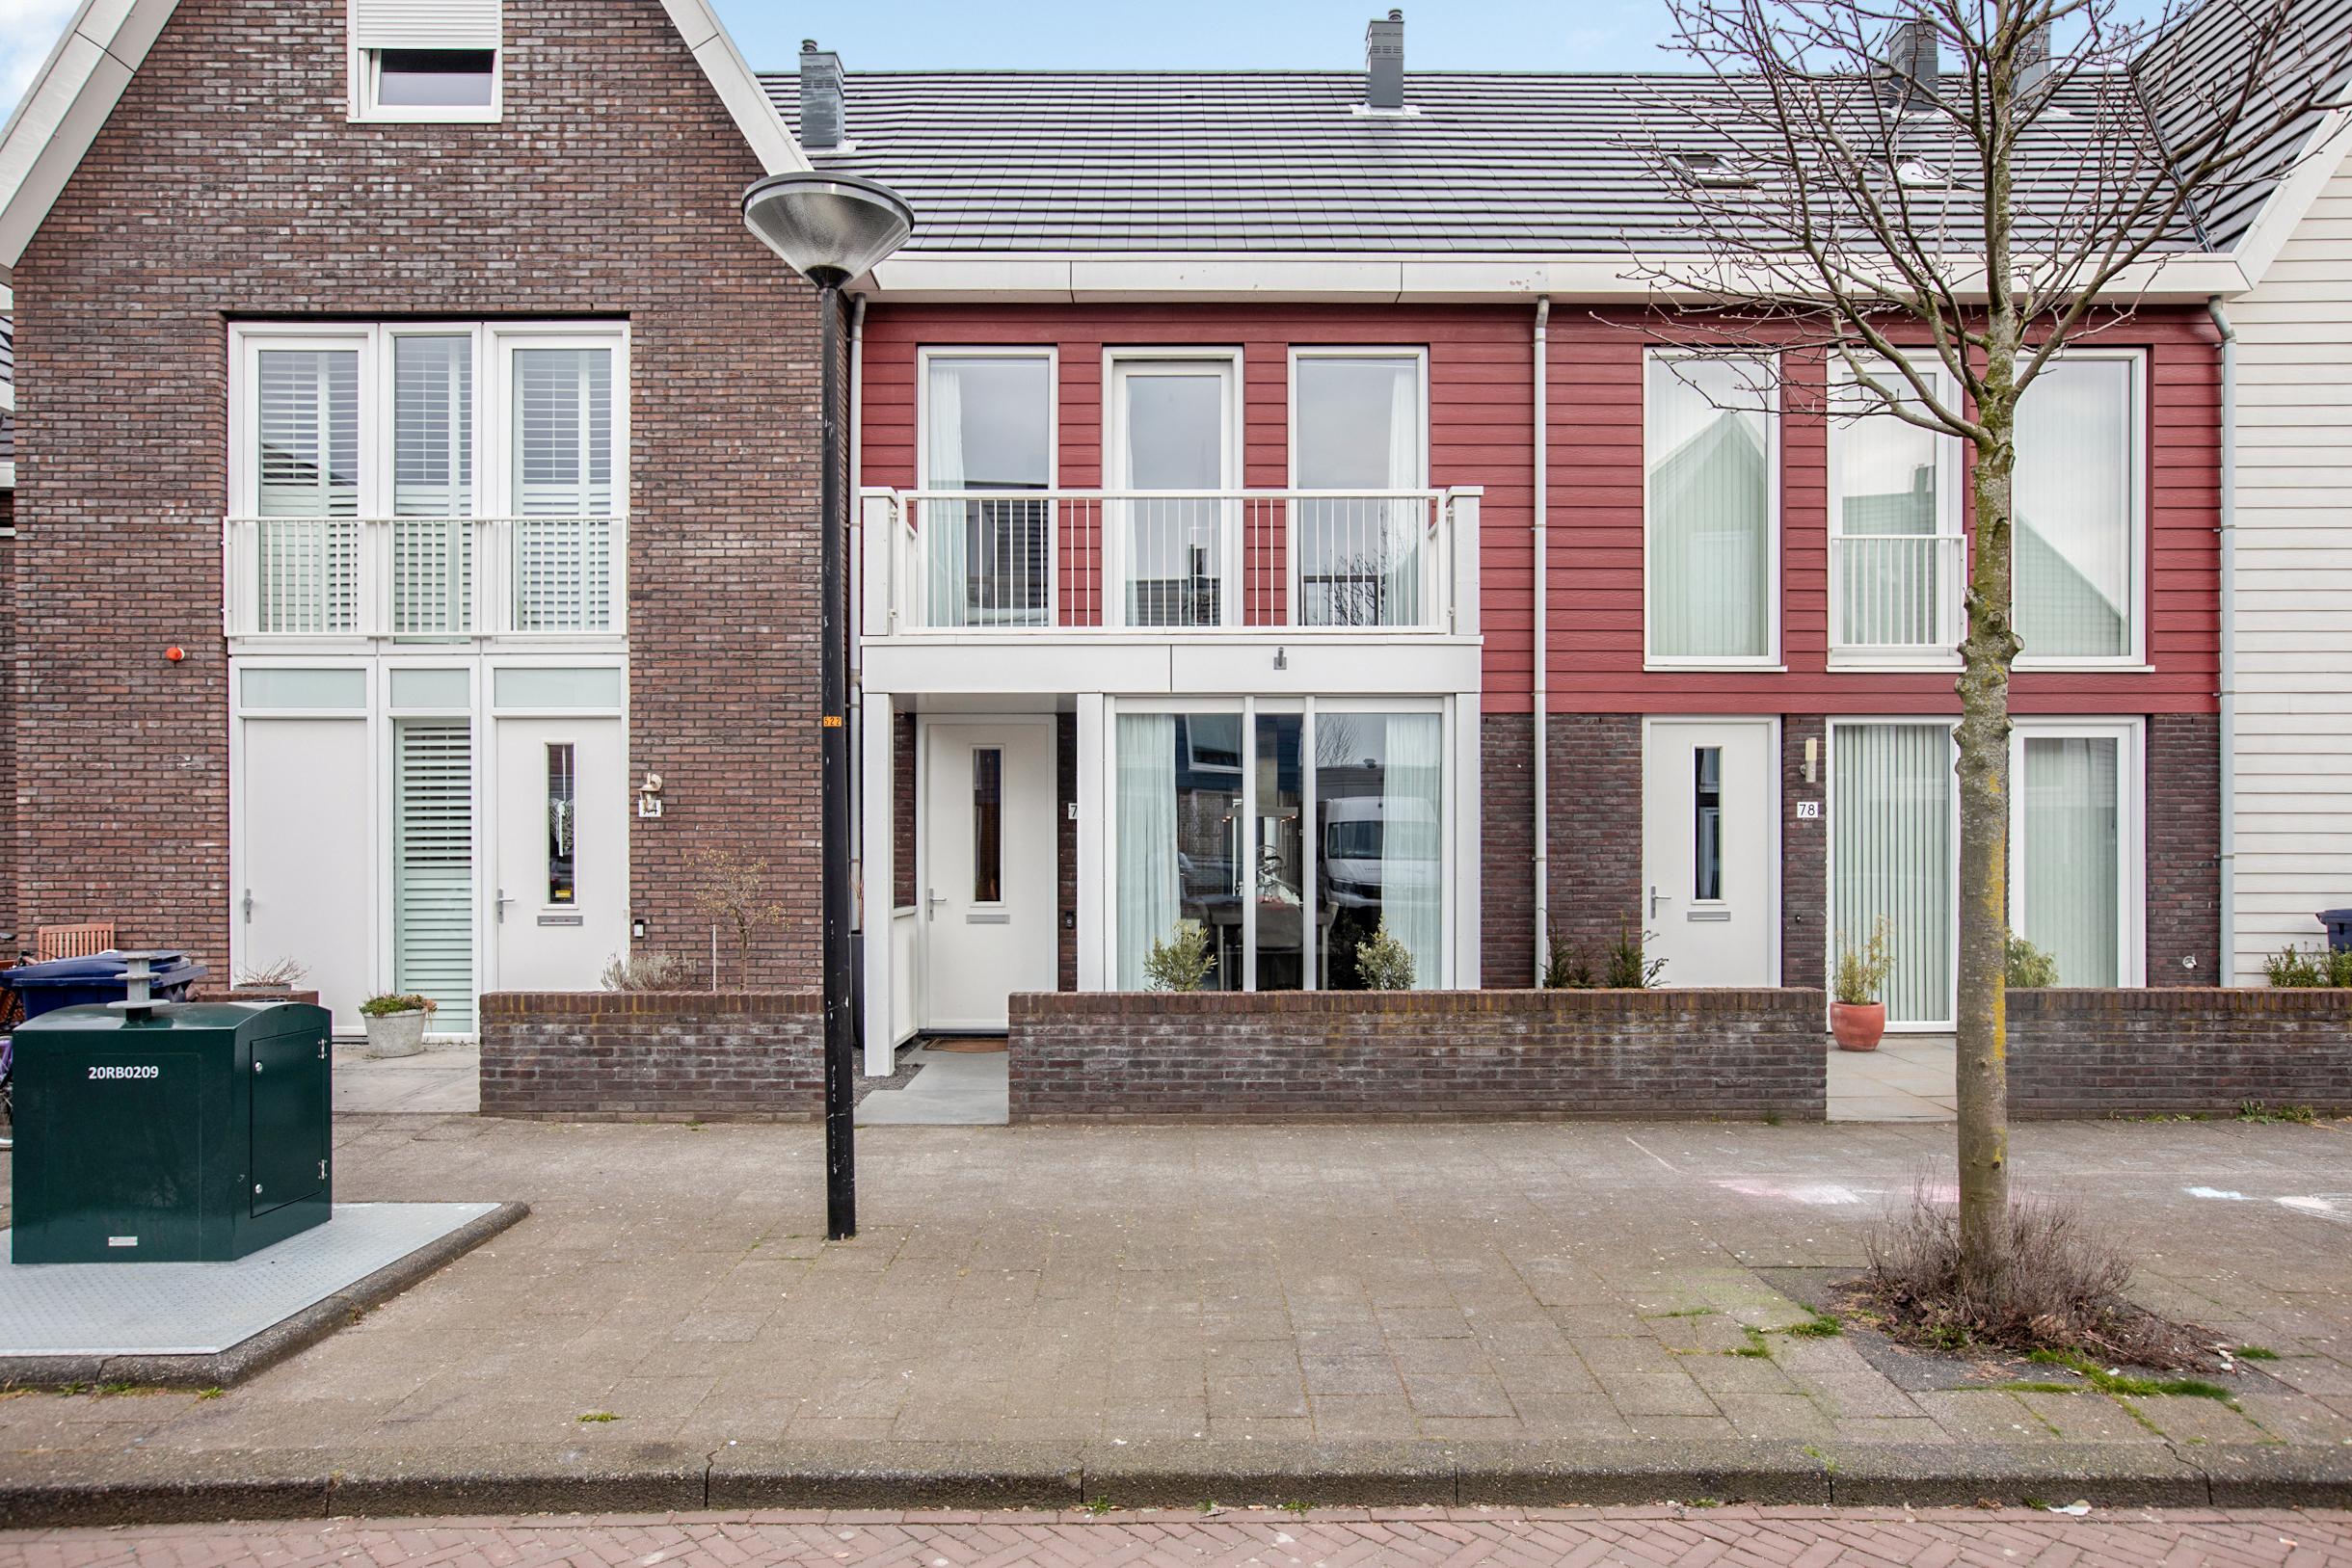 Stavangerstraat 76 – 2548 JS Den Haag